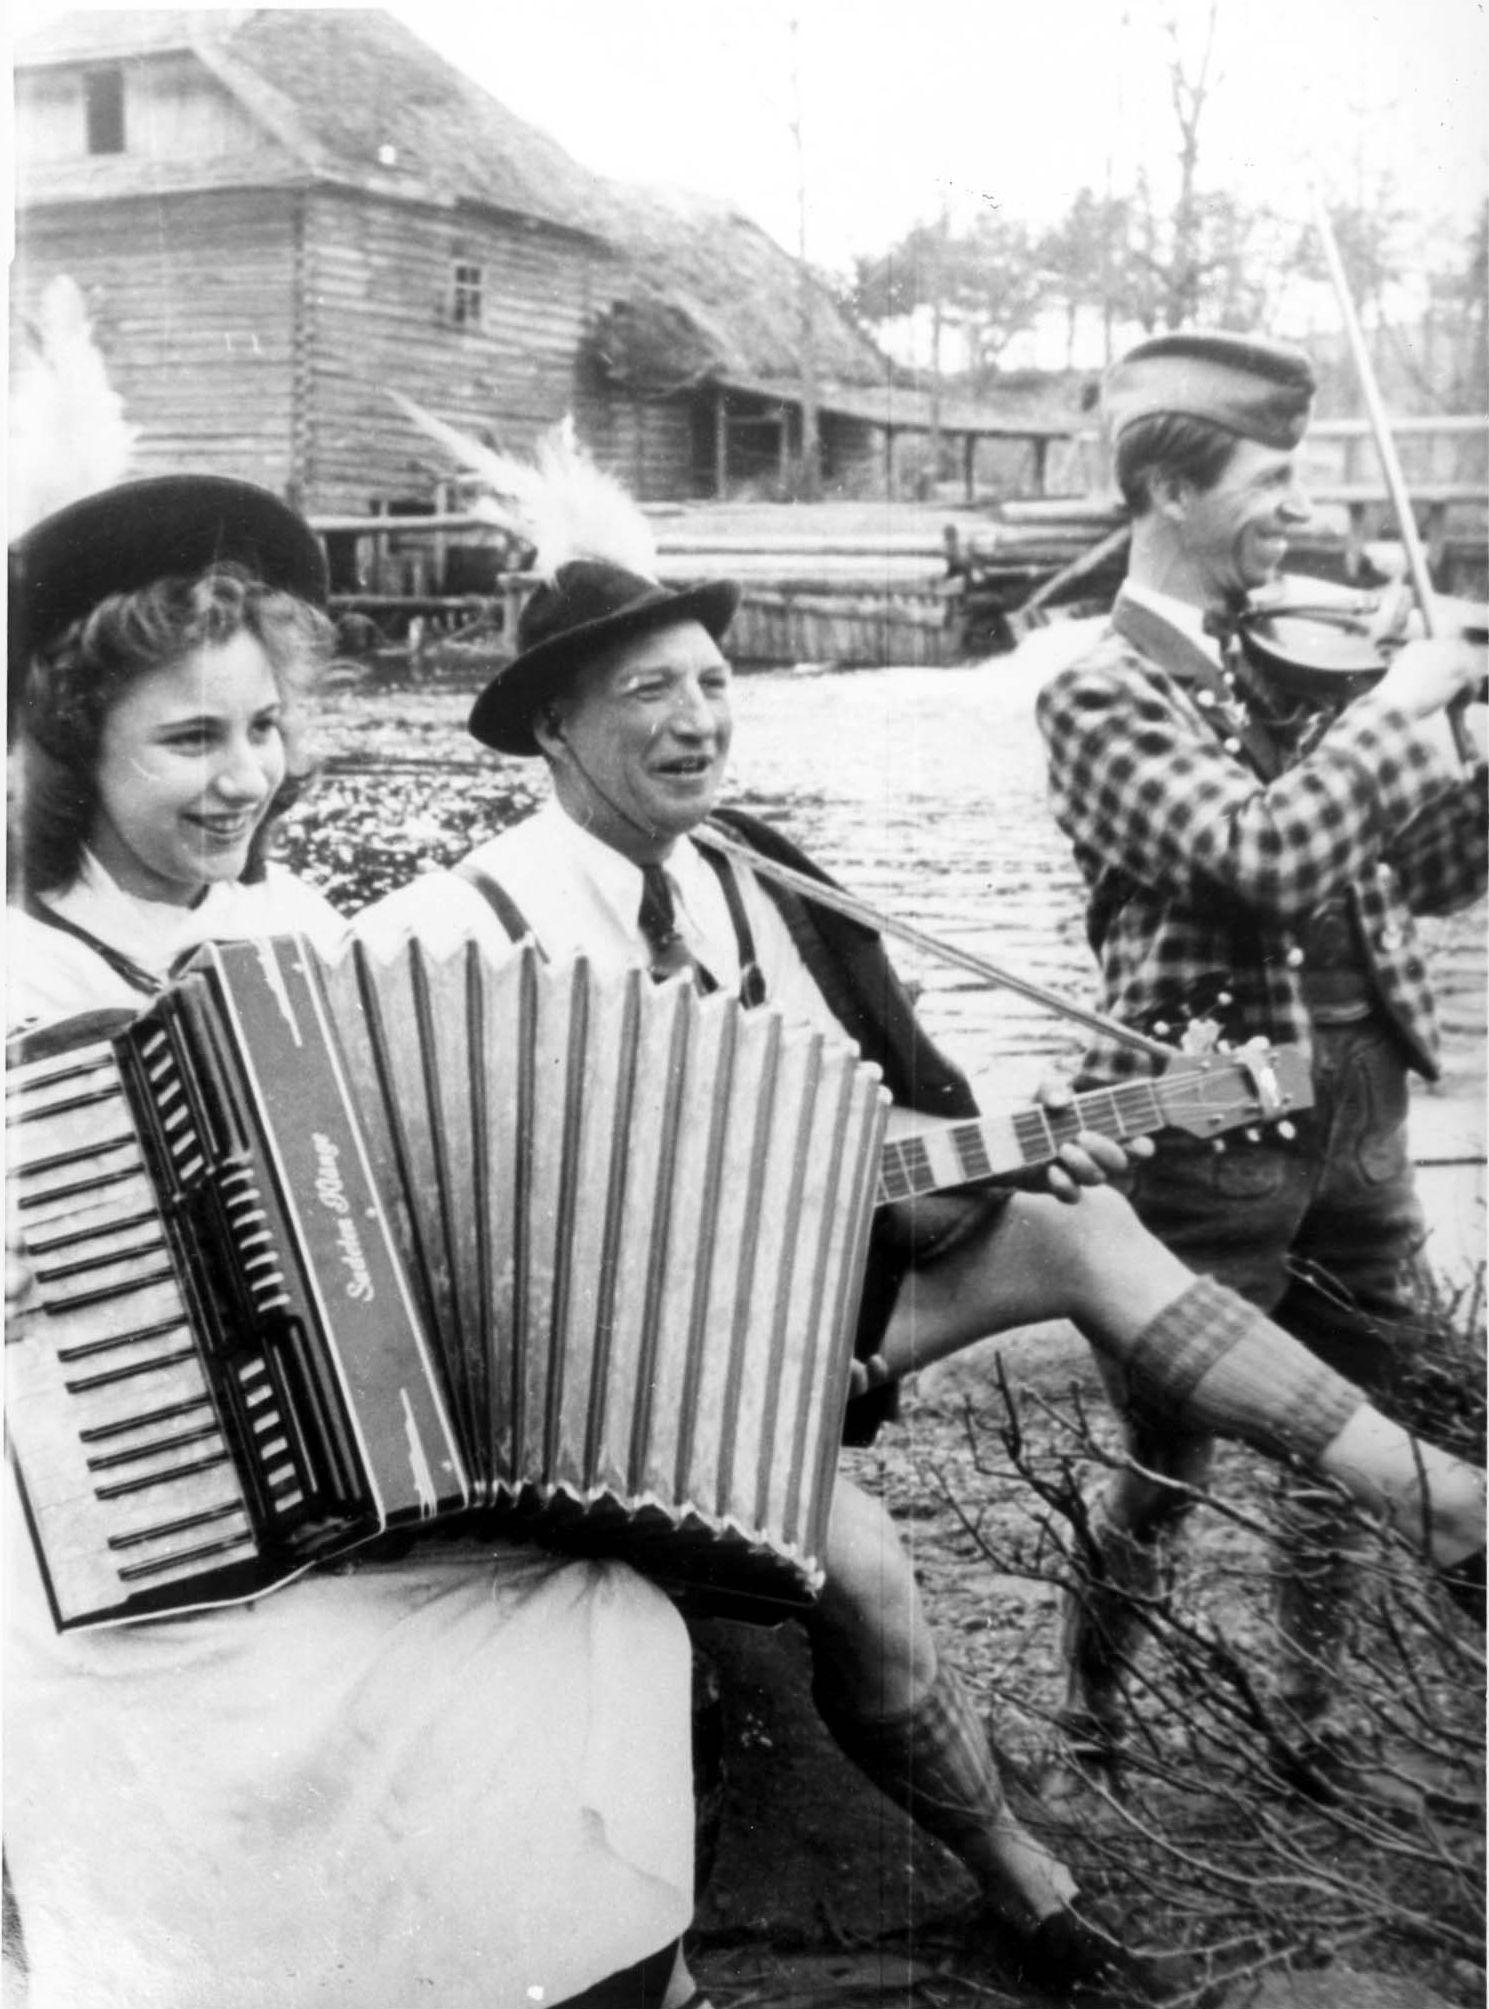 1943. Трое музыкантов развлекают немецких солдат на улице оккупированного Могилева